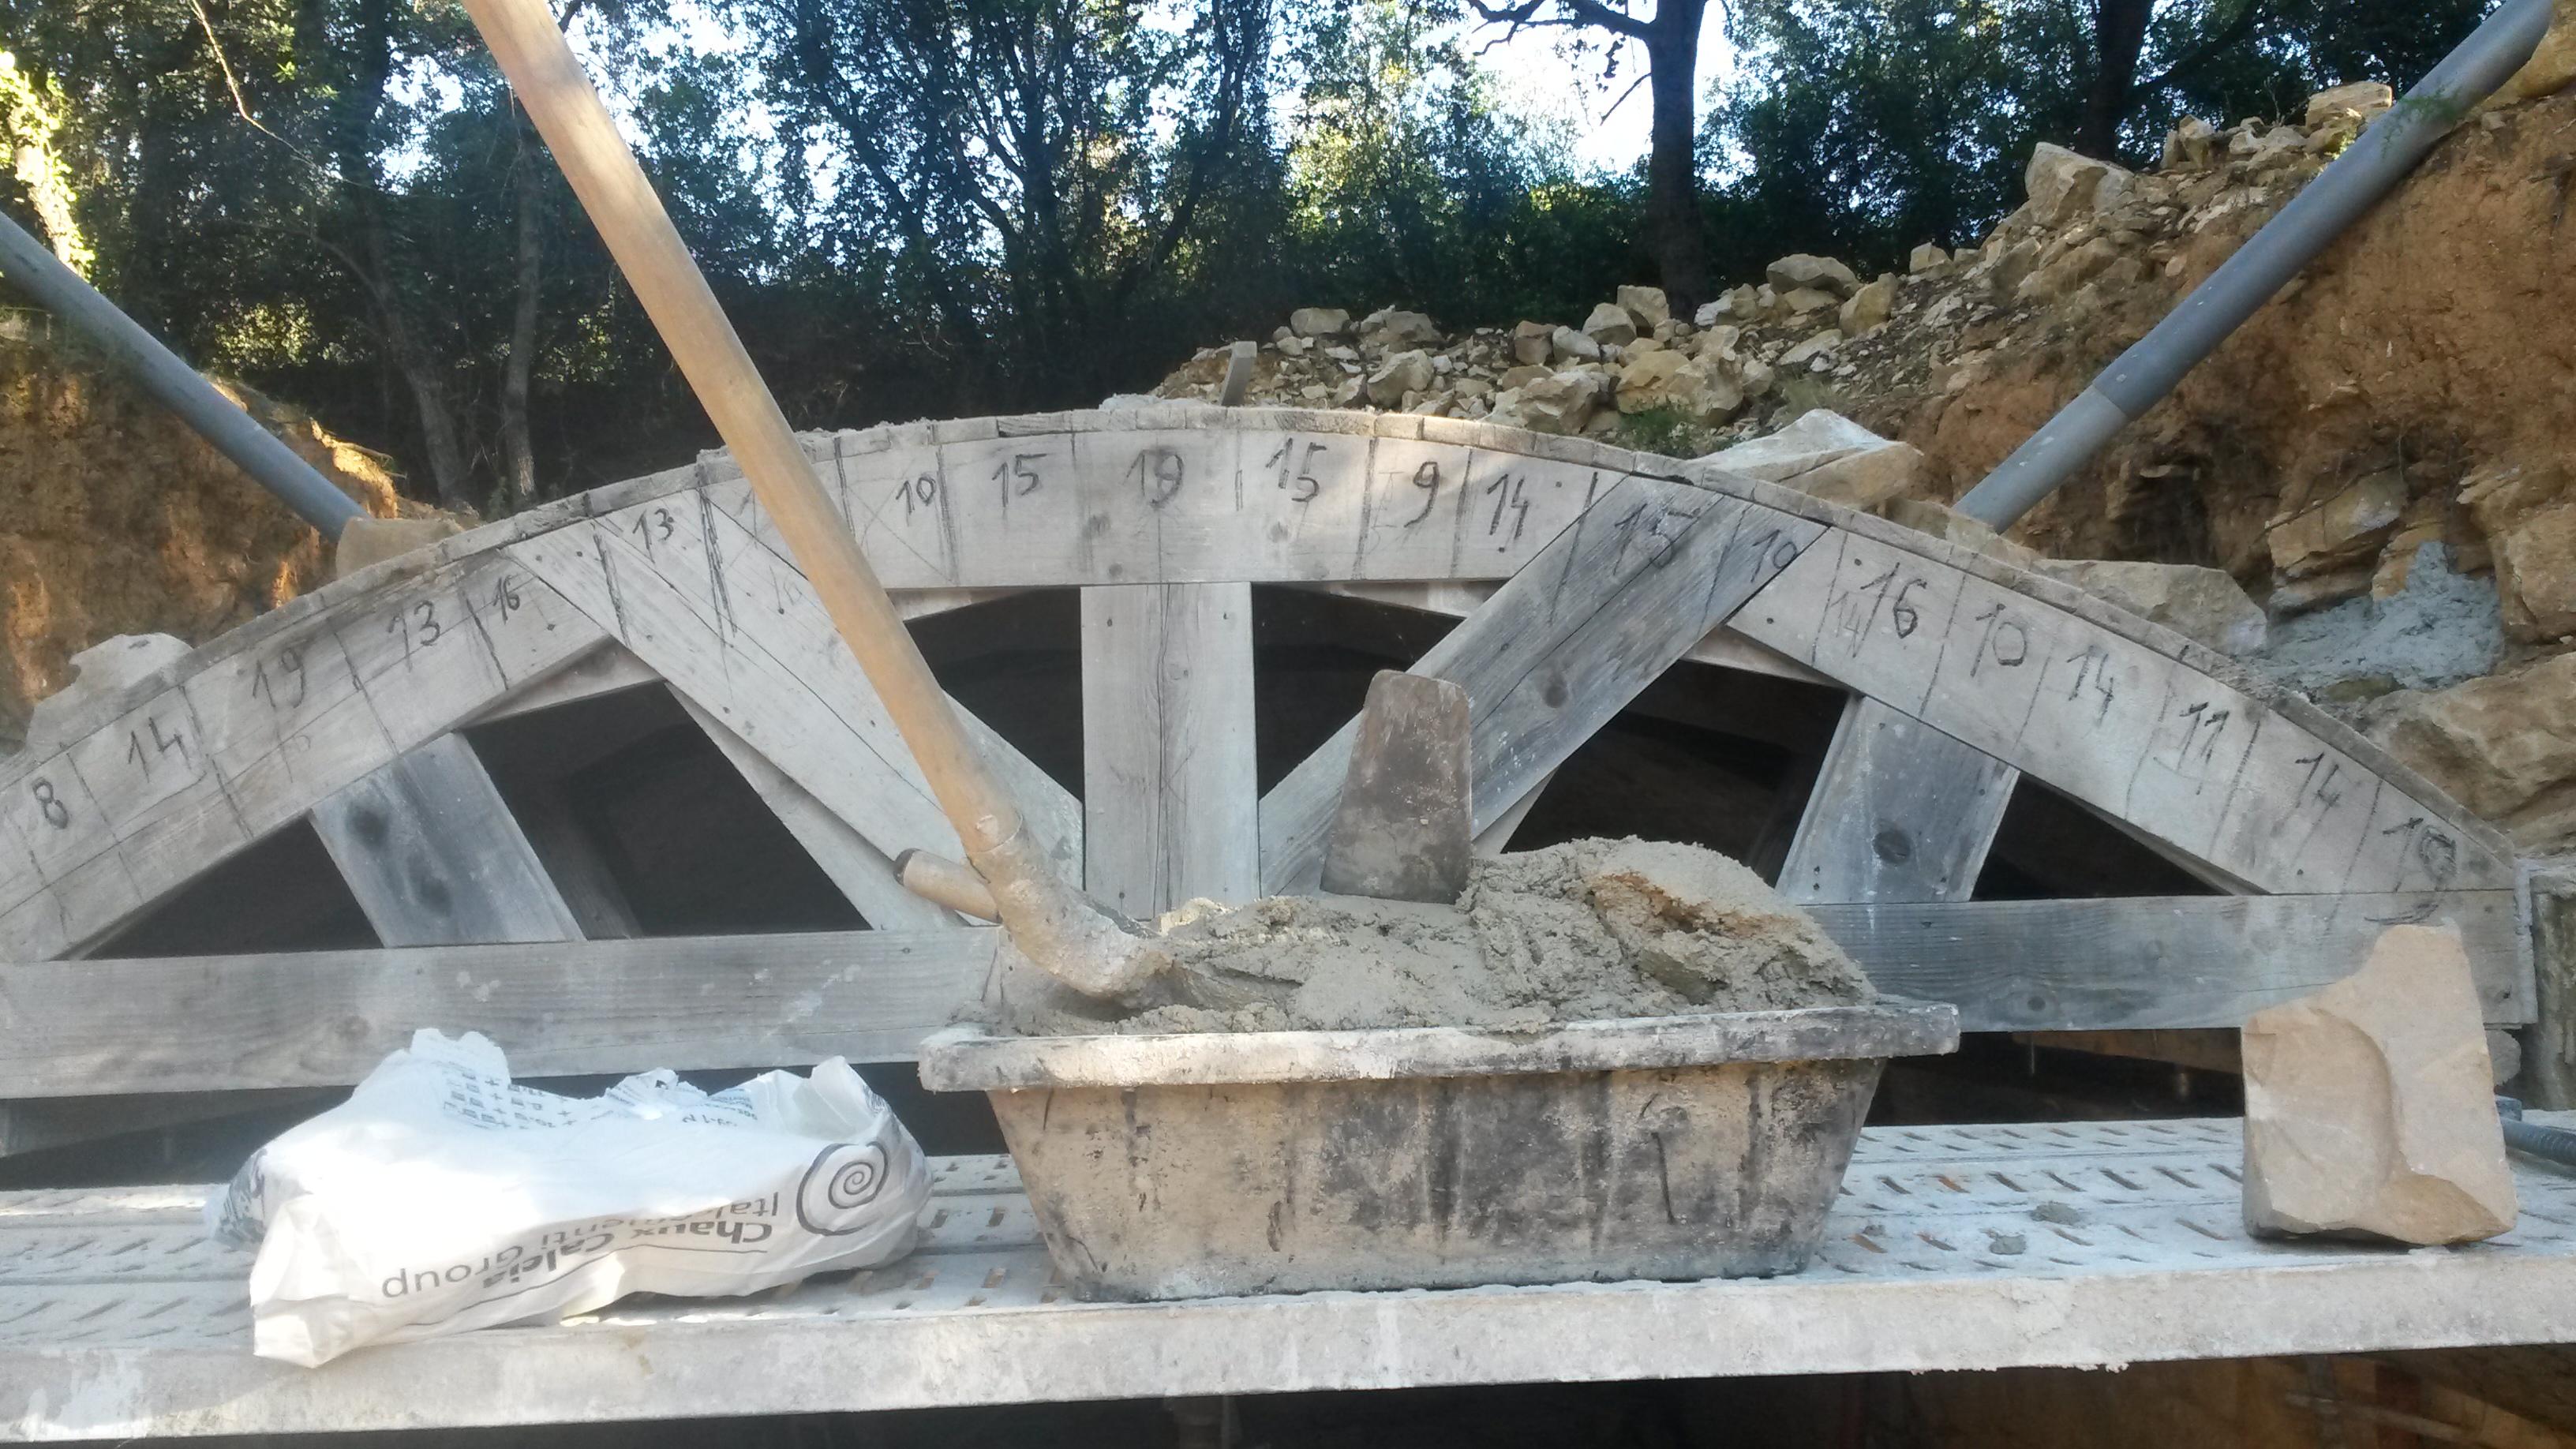 Desportes Rénovation Gard : rénovation d'un voûte, création mise en place d'un coffrage pour remise en état d'une voûte